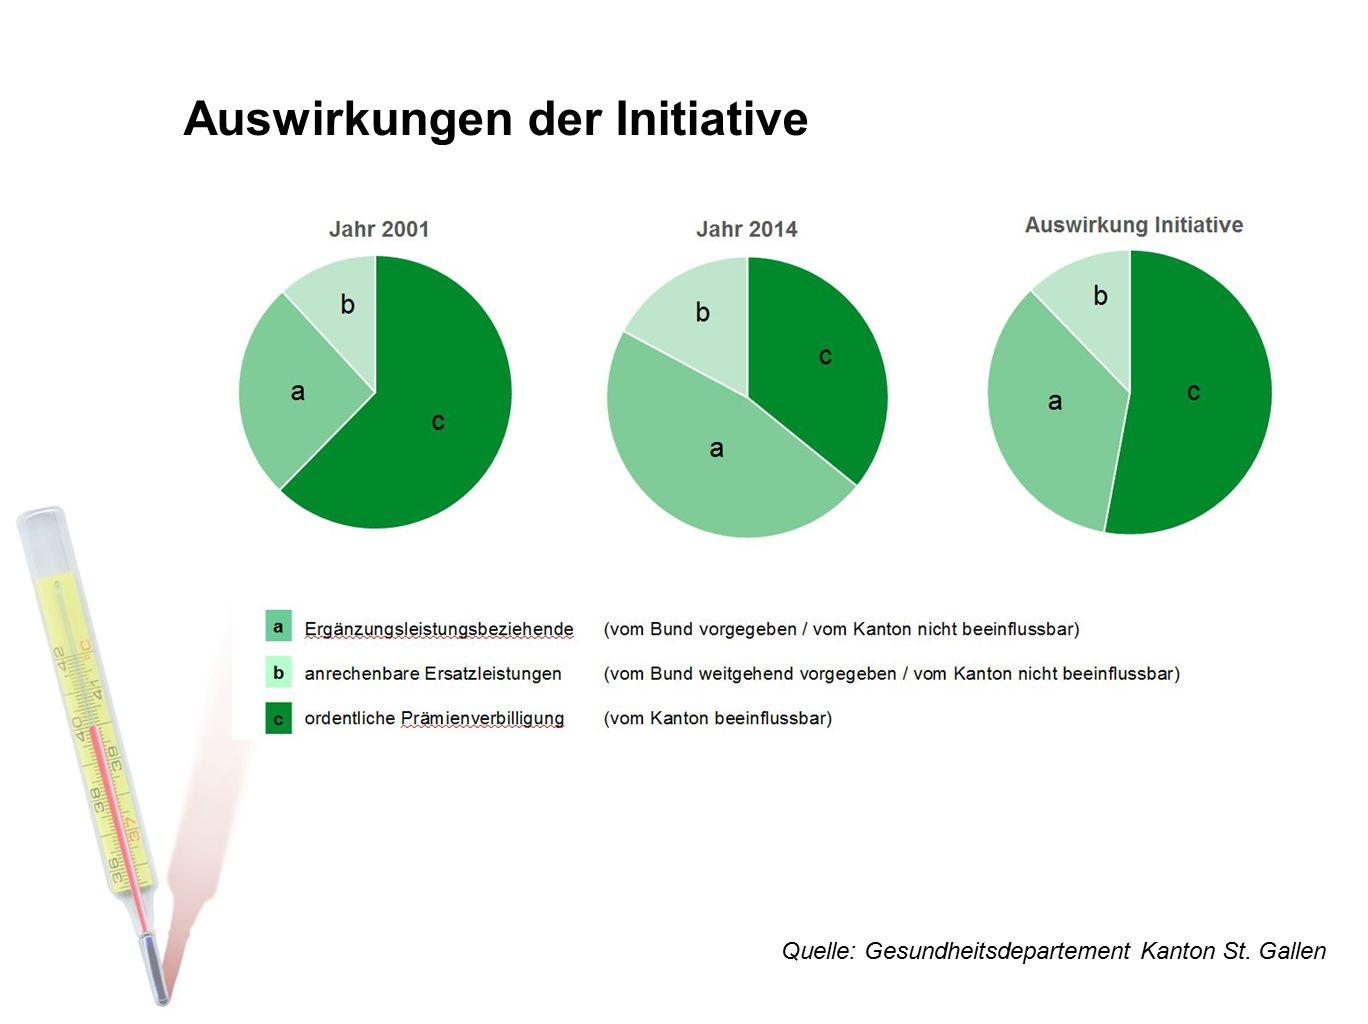 Auswirkungen der Initiative Quelle: Gesundheitsdepartement Kanton St. Gallen